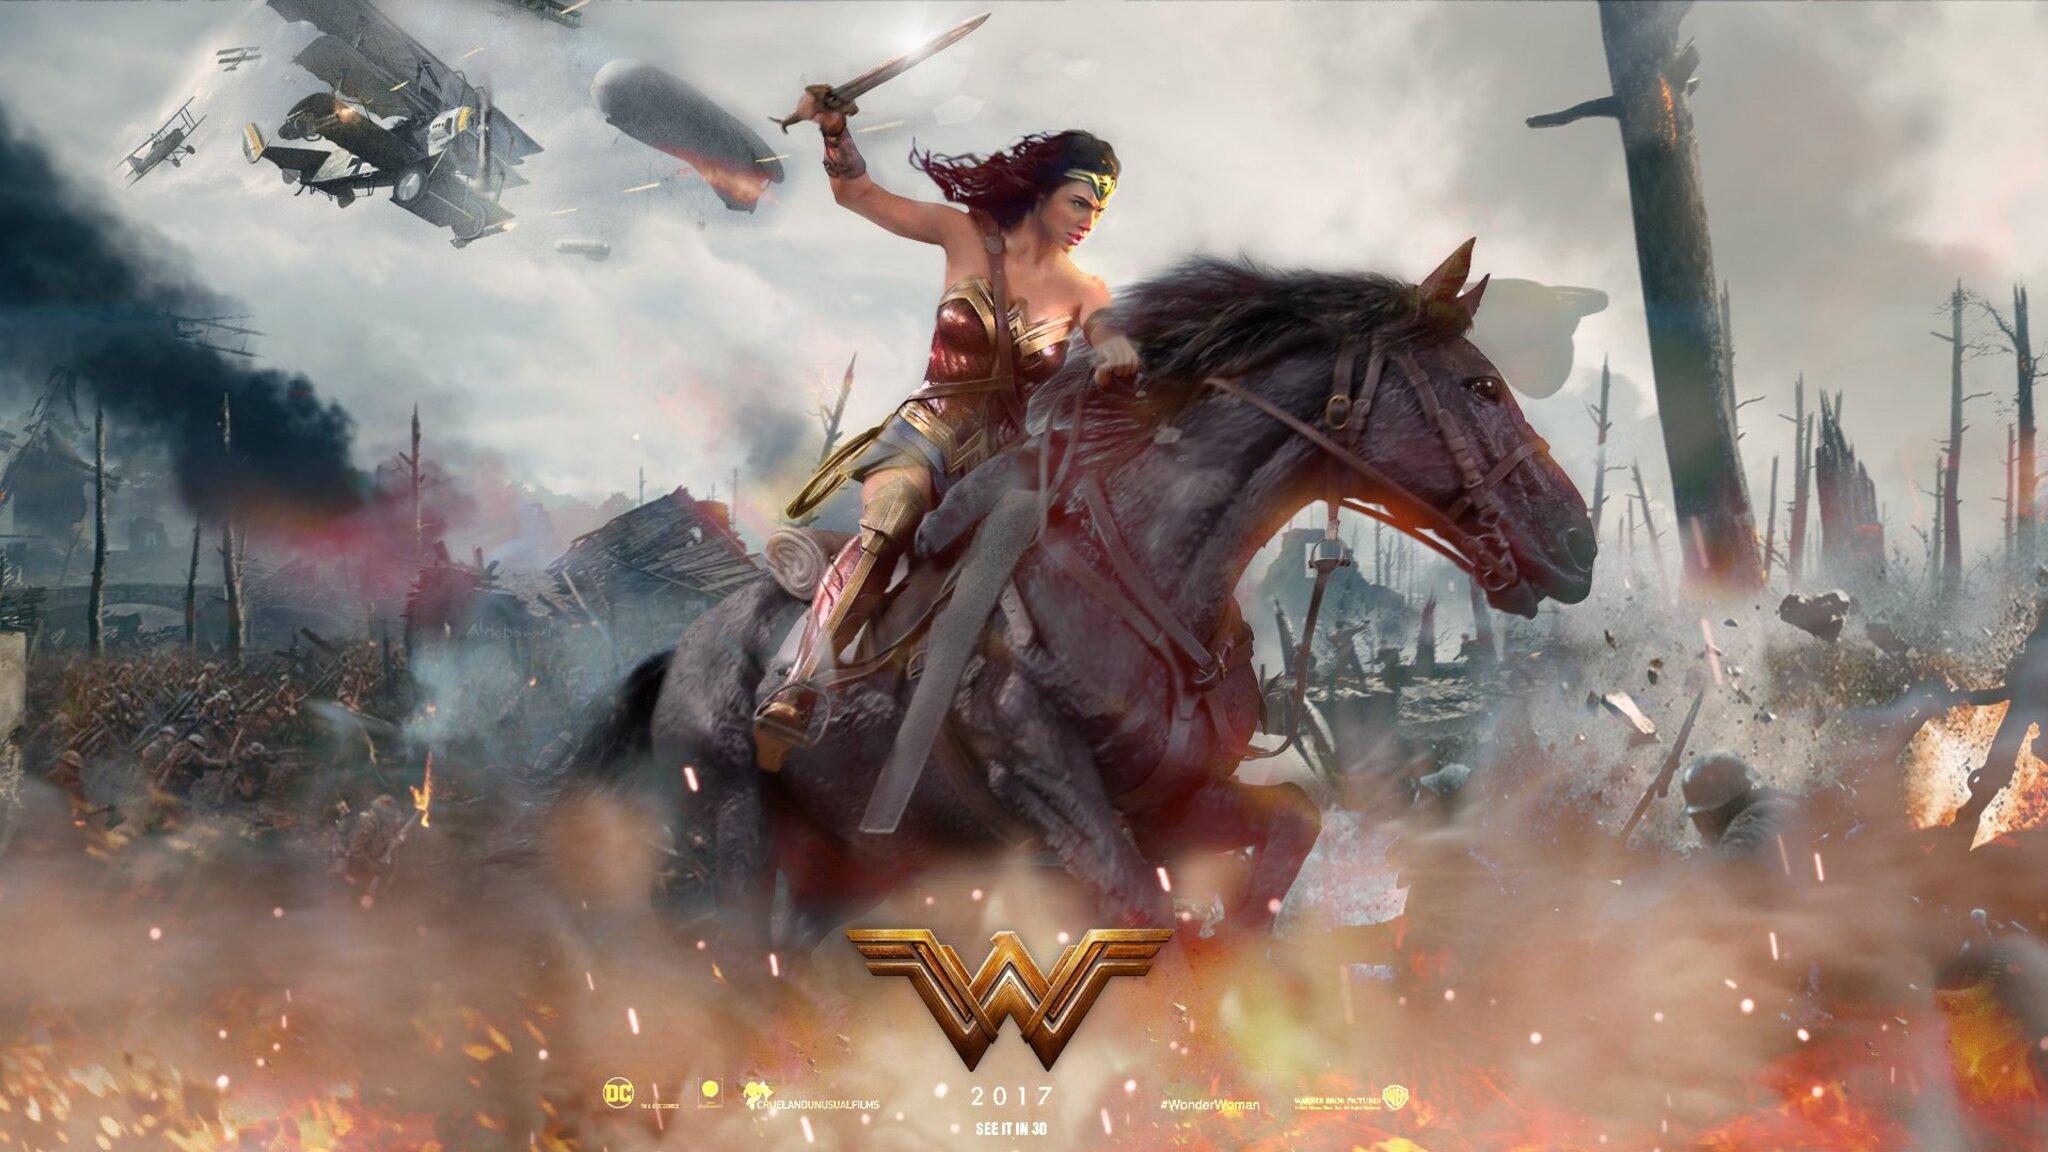 2048x1152 2017 Wonder Woman Movie Fan Art 2048x1152 ...